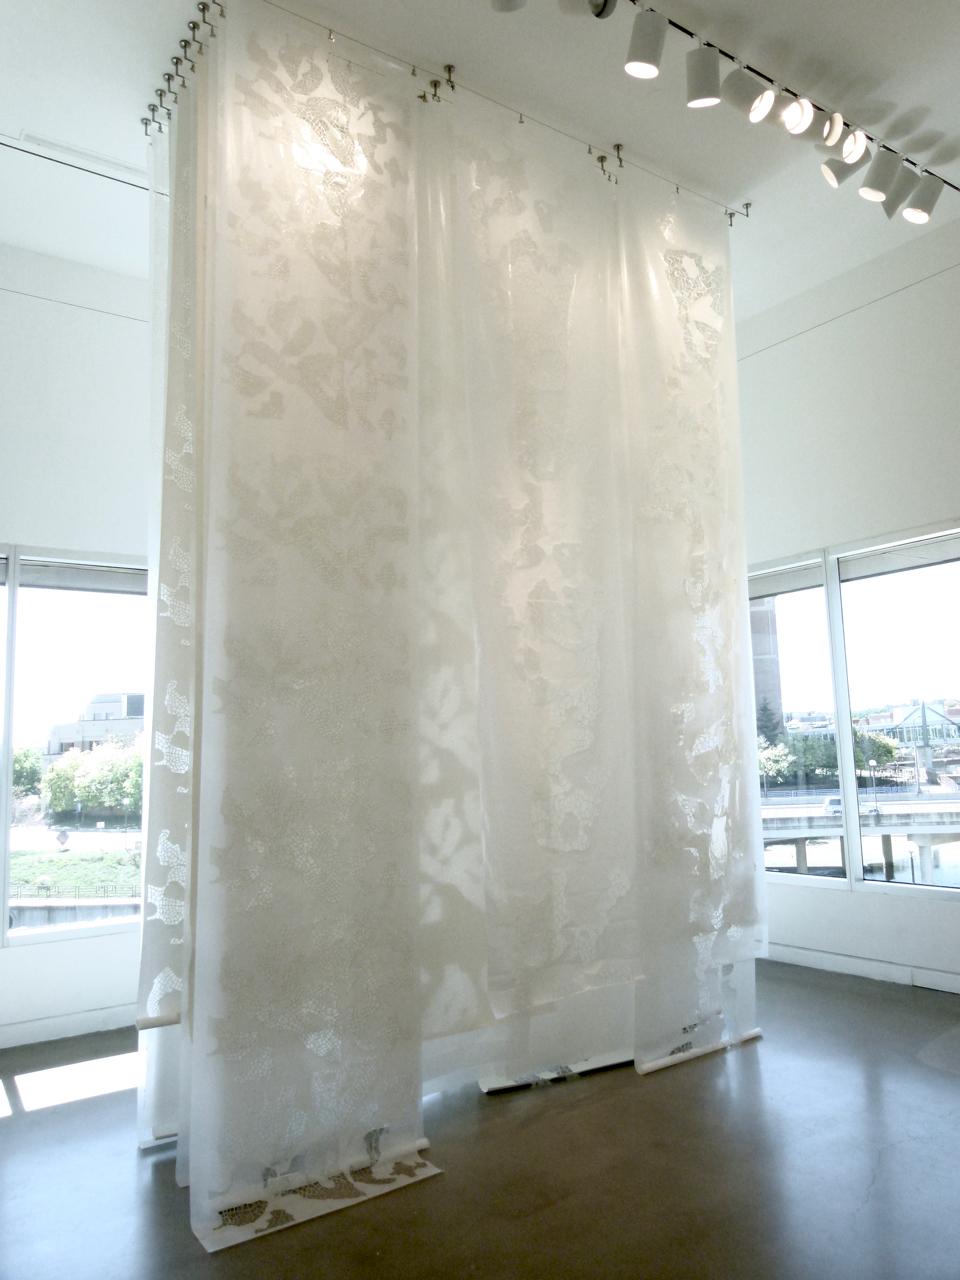 Shroud,  2017, cut paper, 15' feet x 12' feet x 5' feet.